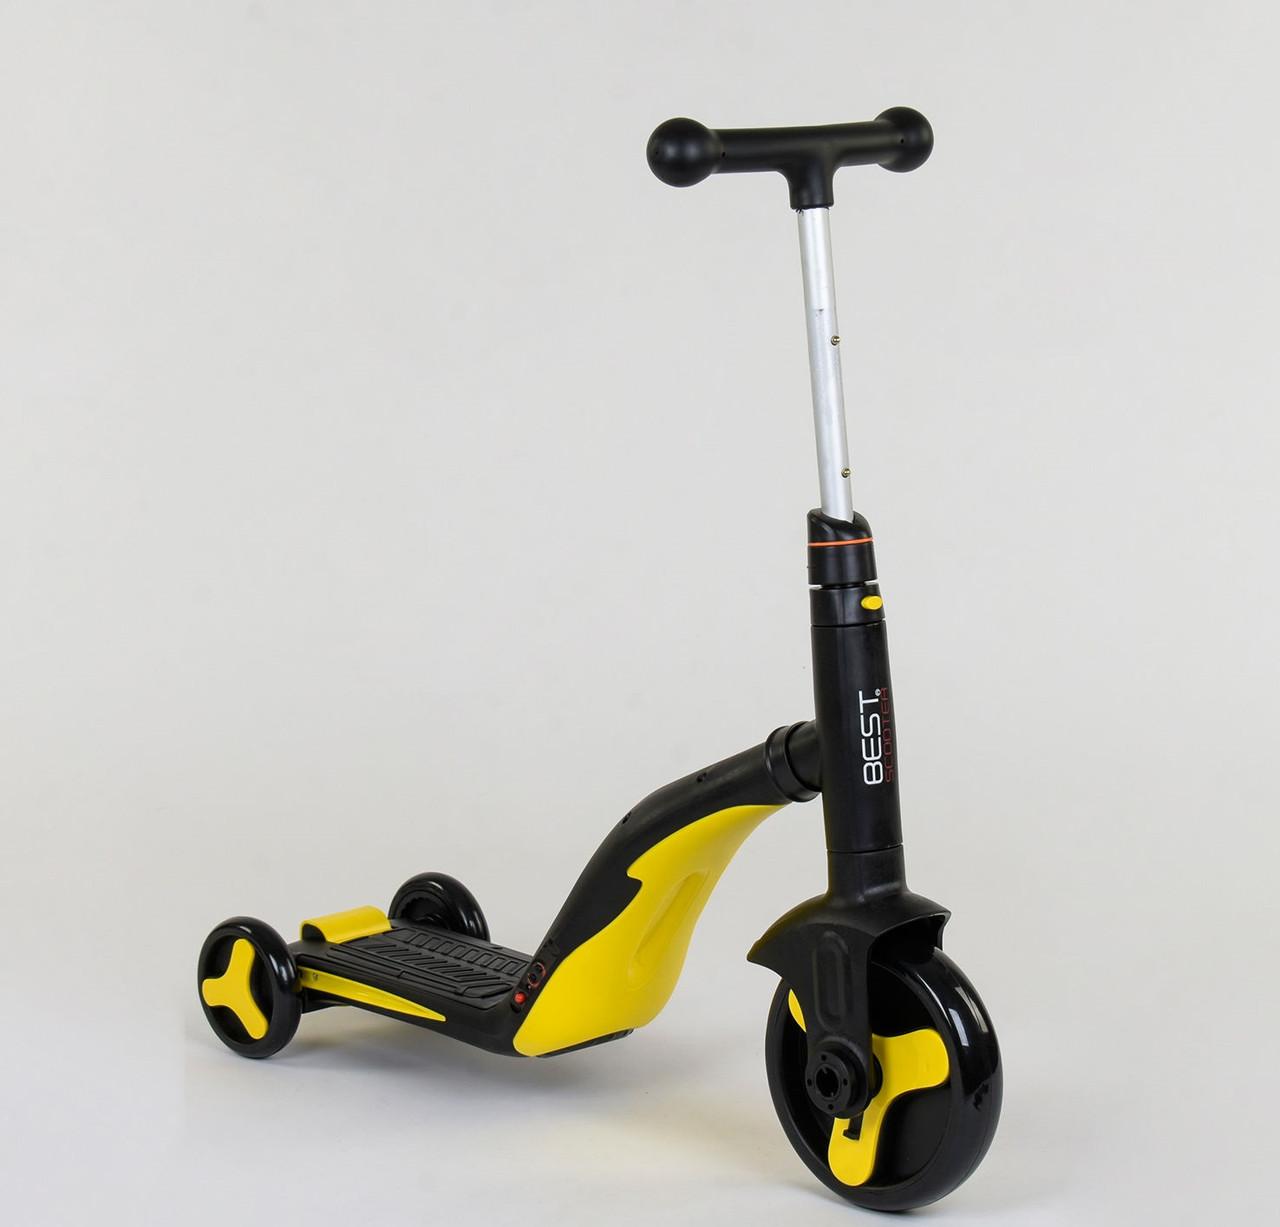 Самокат Best scooter желтый S868 3 в 1 с подсветкой и музыкой